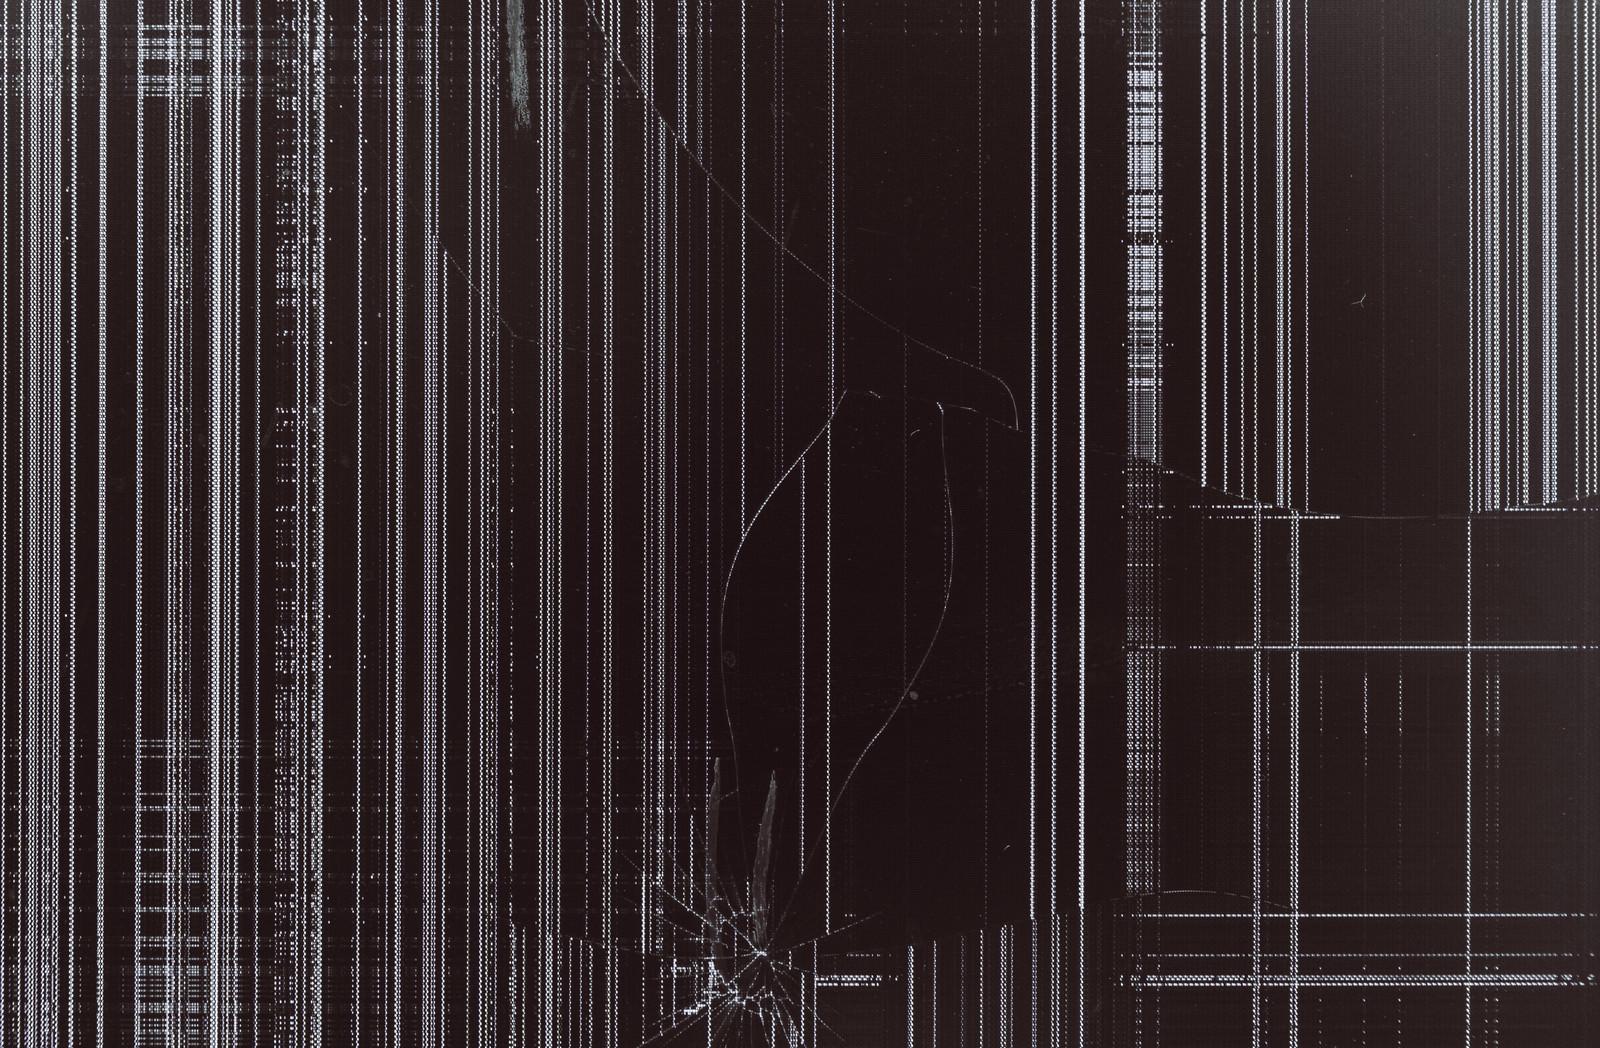 「破損して表示がバグった液晶モニター」の写真